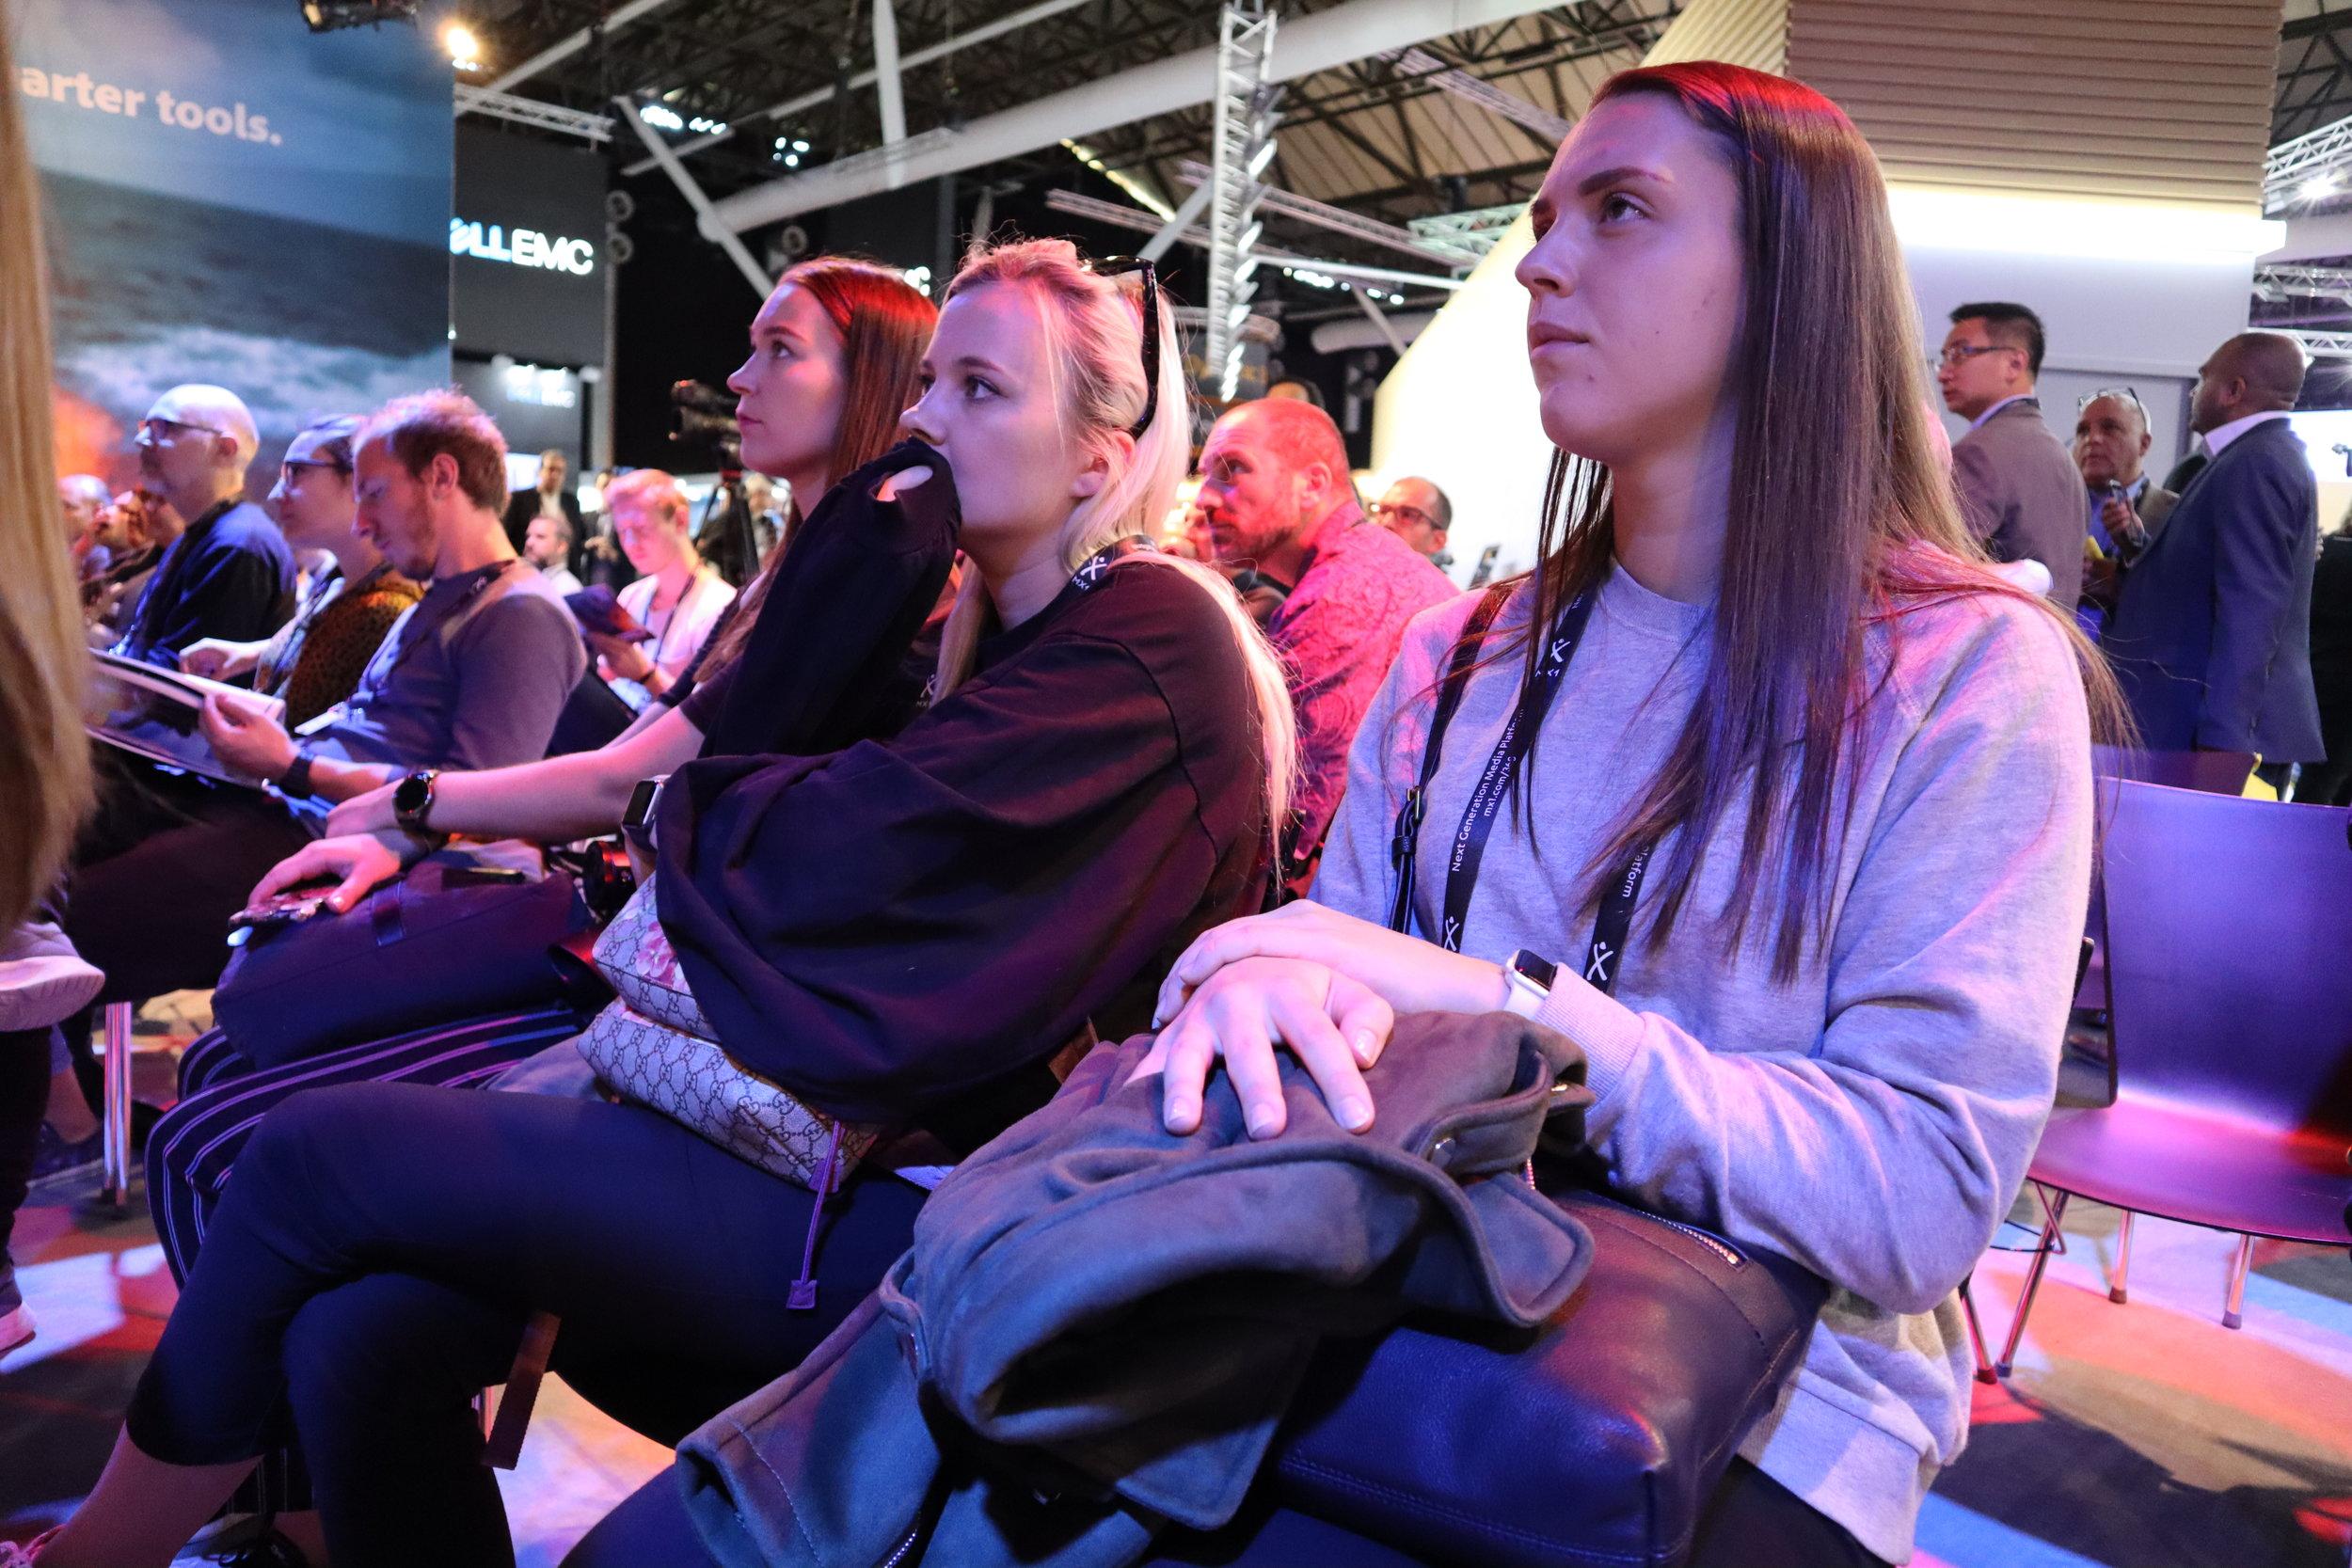 Malin, Oda og Ingvild på et av foredragene til Adobe. Foto: Marthe Karin Sanden Skauge